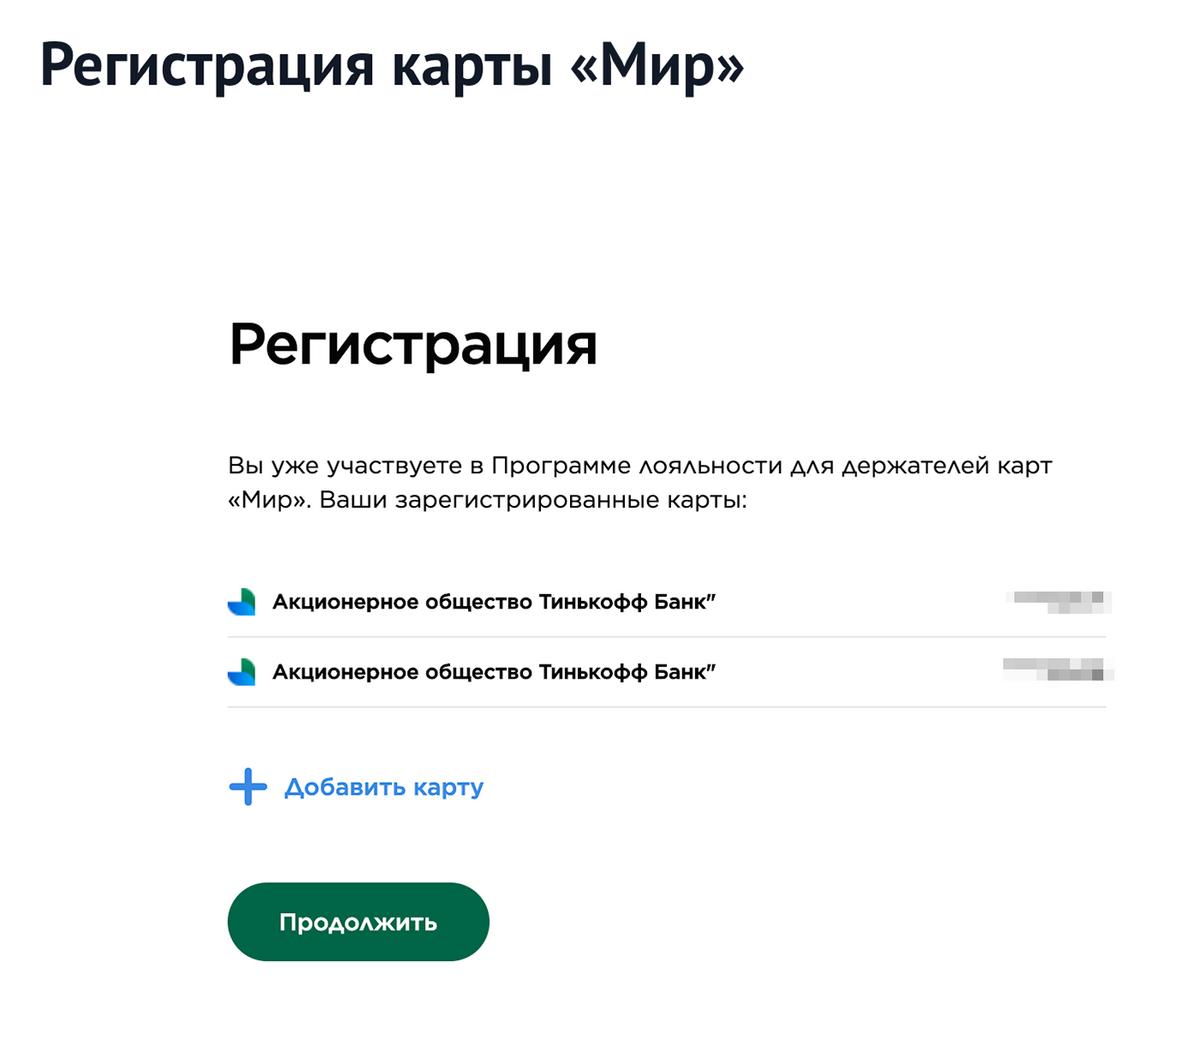 На сайте платежной системы нужно ввести номер карты, и она будет зарегистрирована